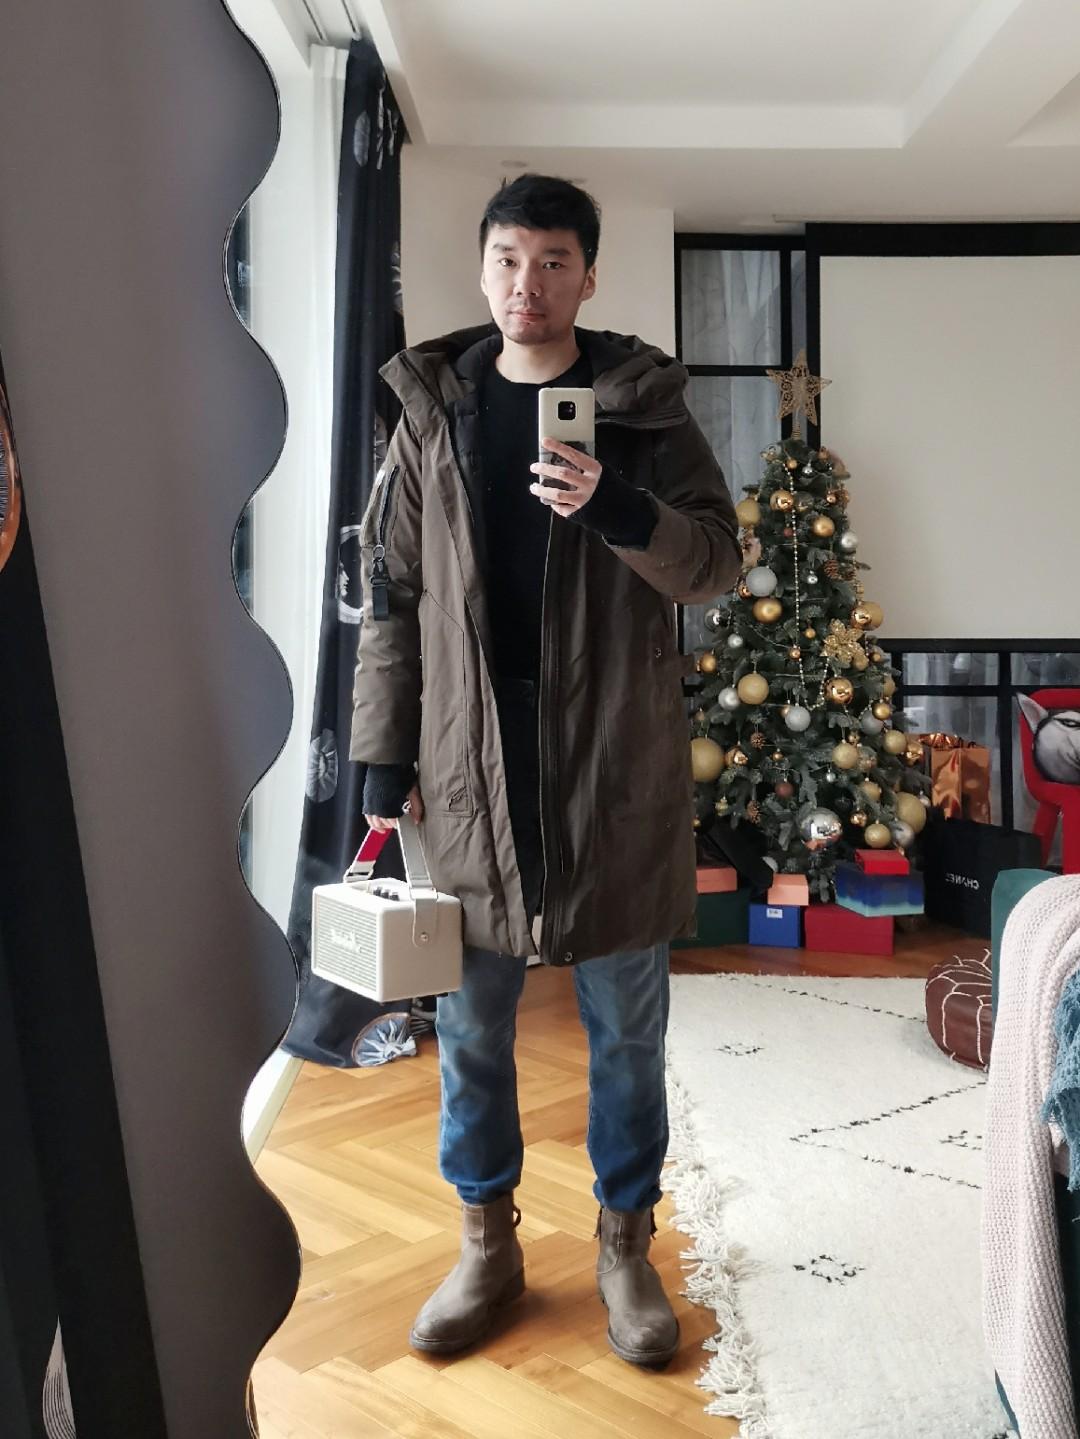 杭州小雨,天不太冷。挑战打卡100天-DAY47。 #OOTD#